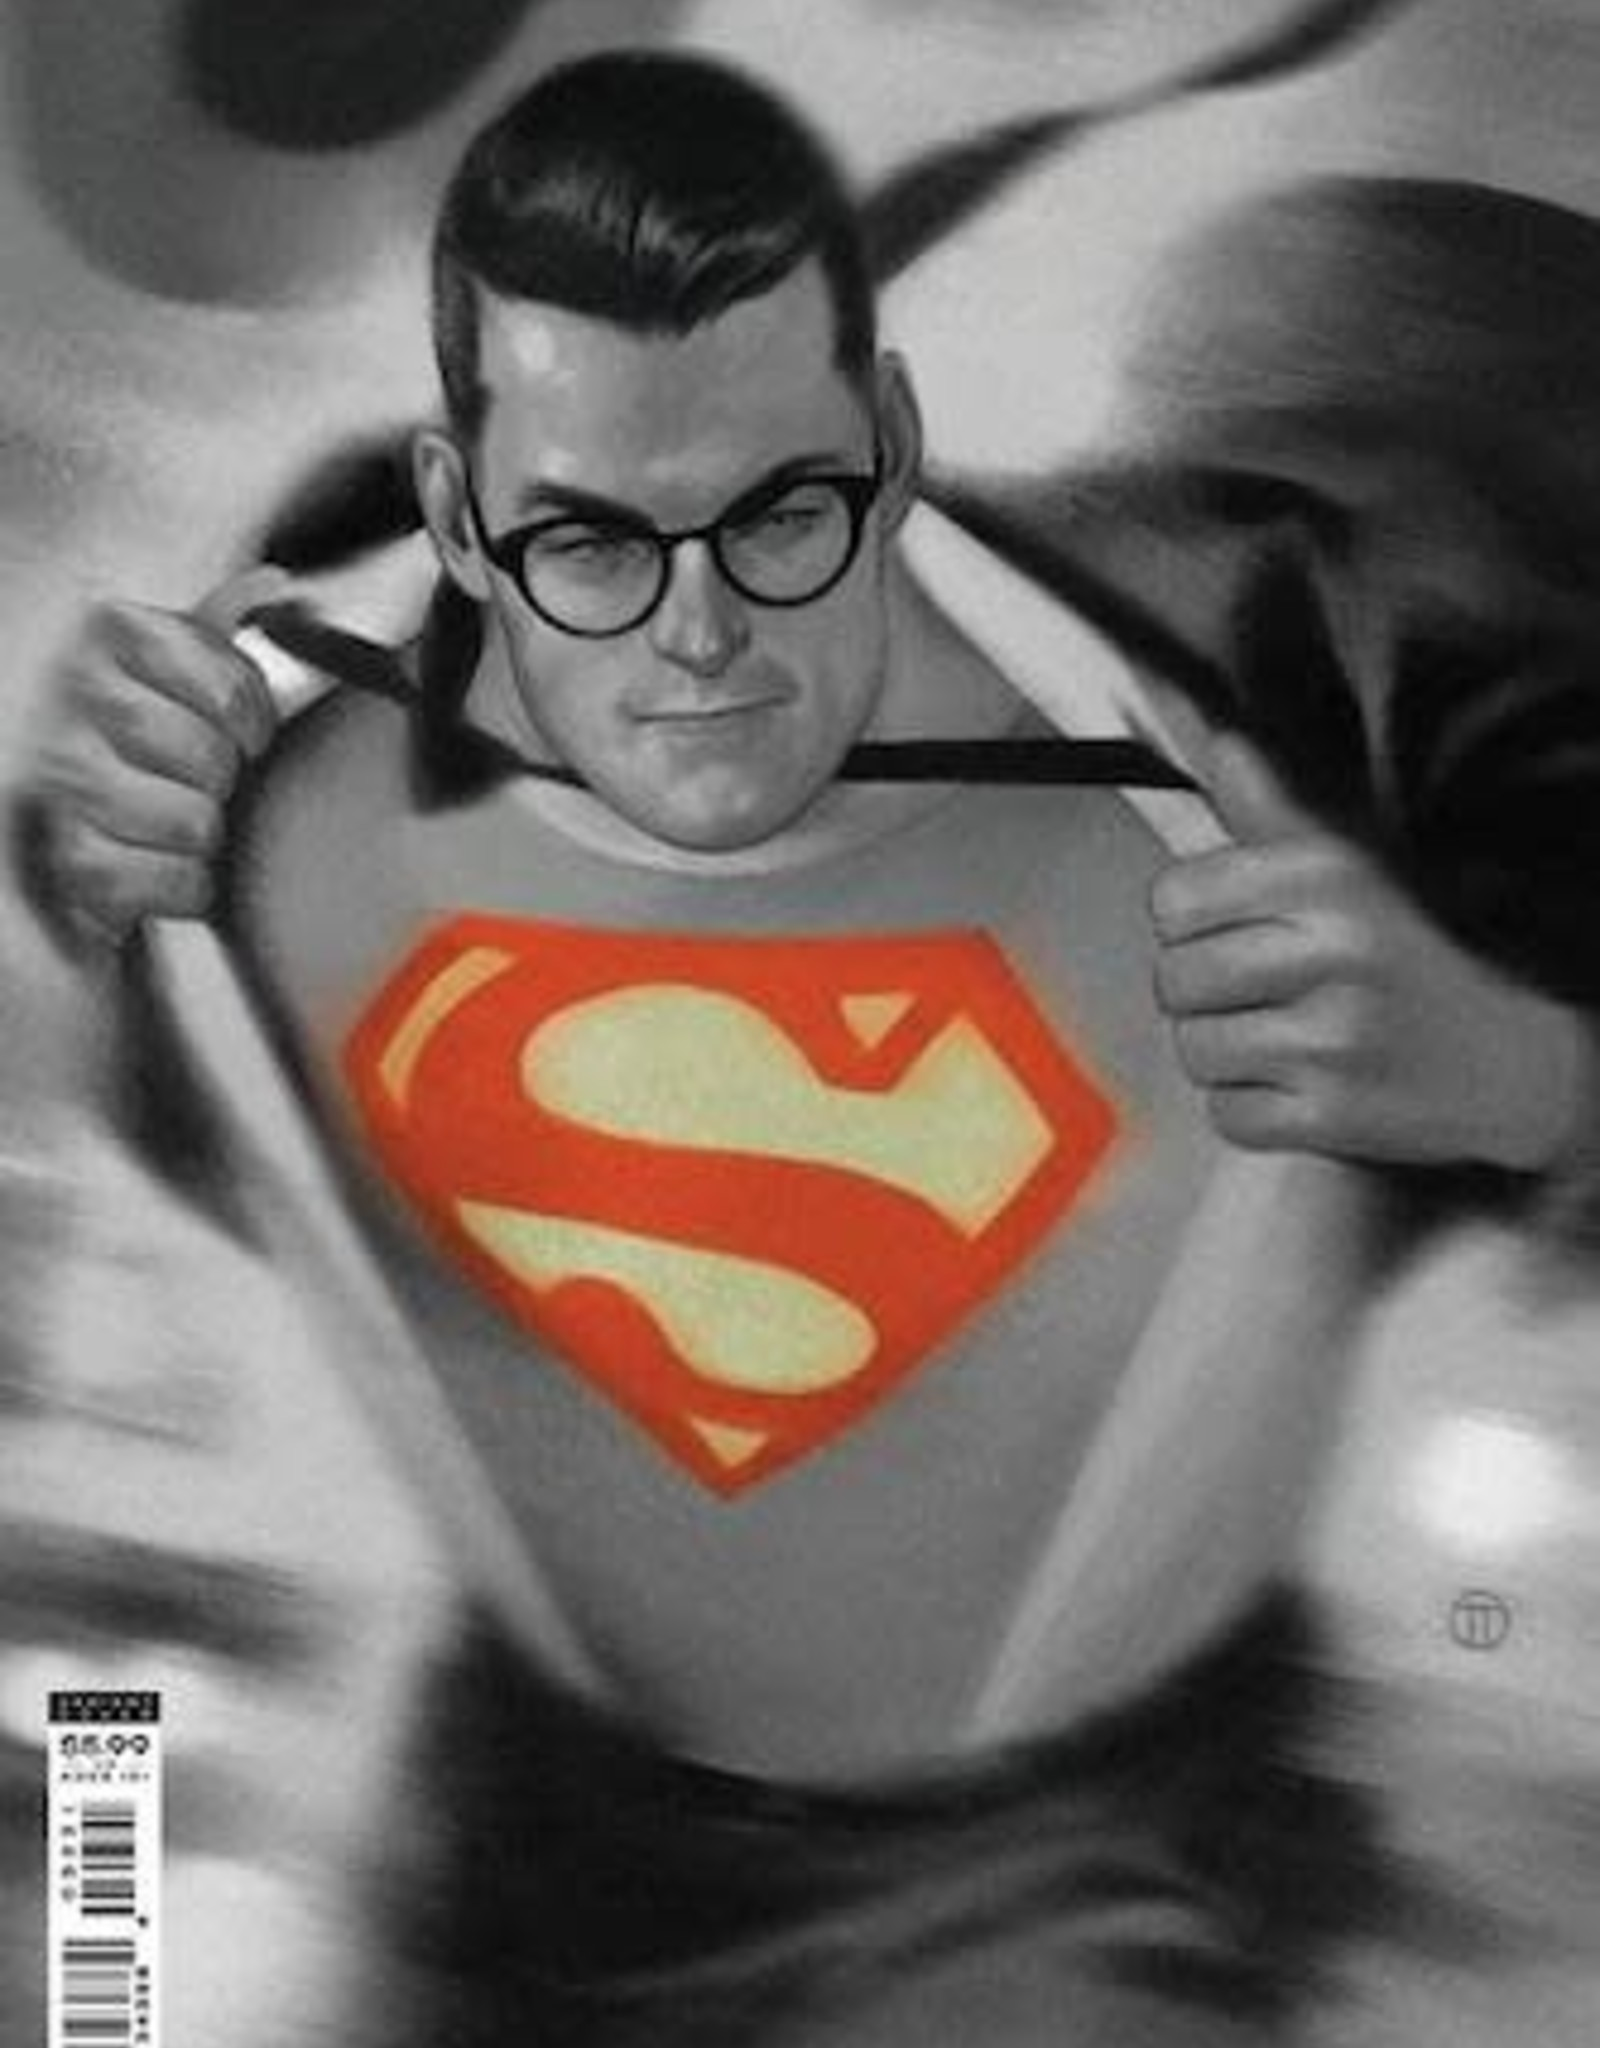 DC Comics Action Comics #1032 Cvr B Julian Totino Tedesco Card Stock Var